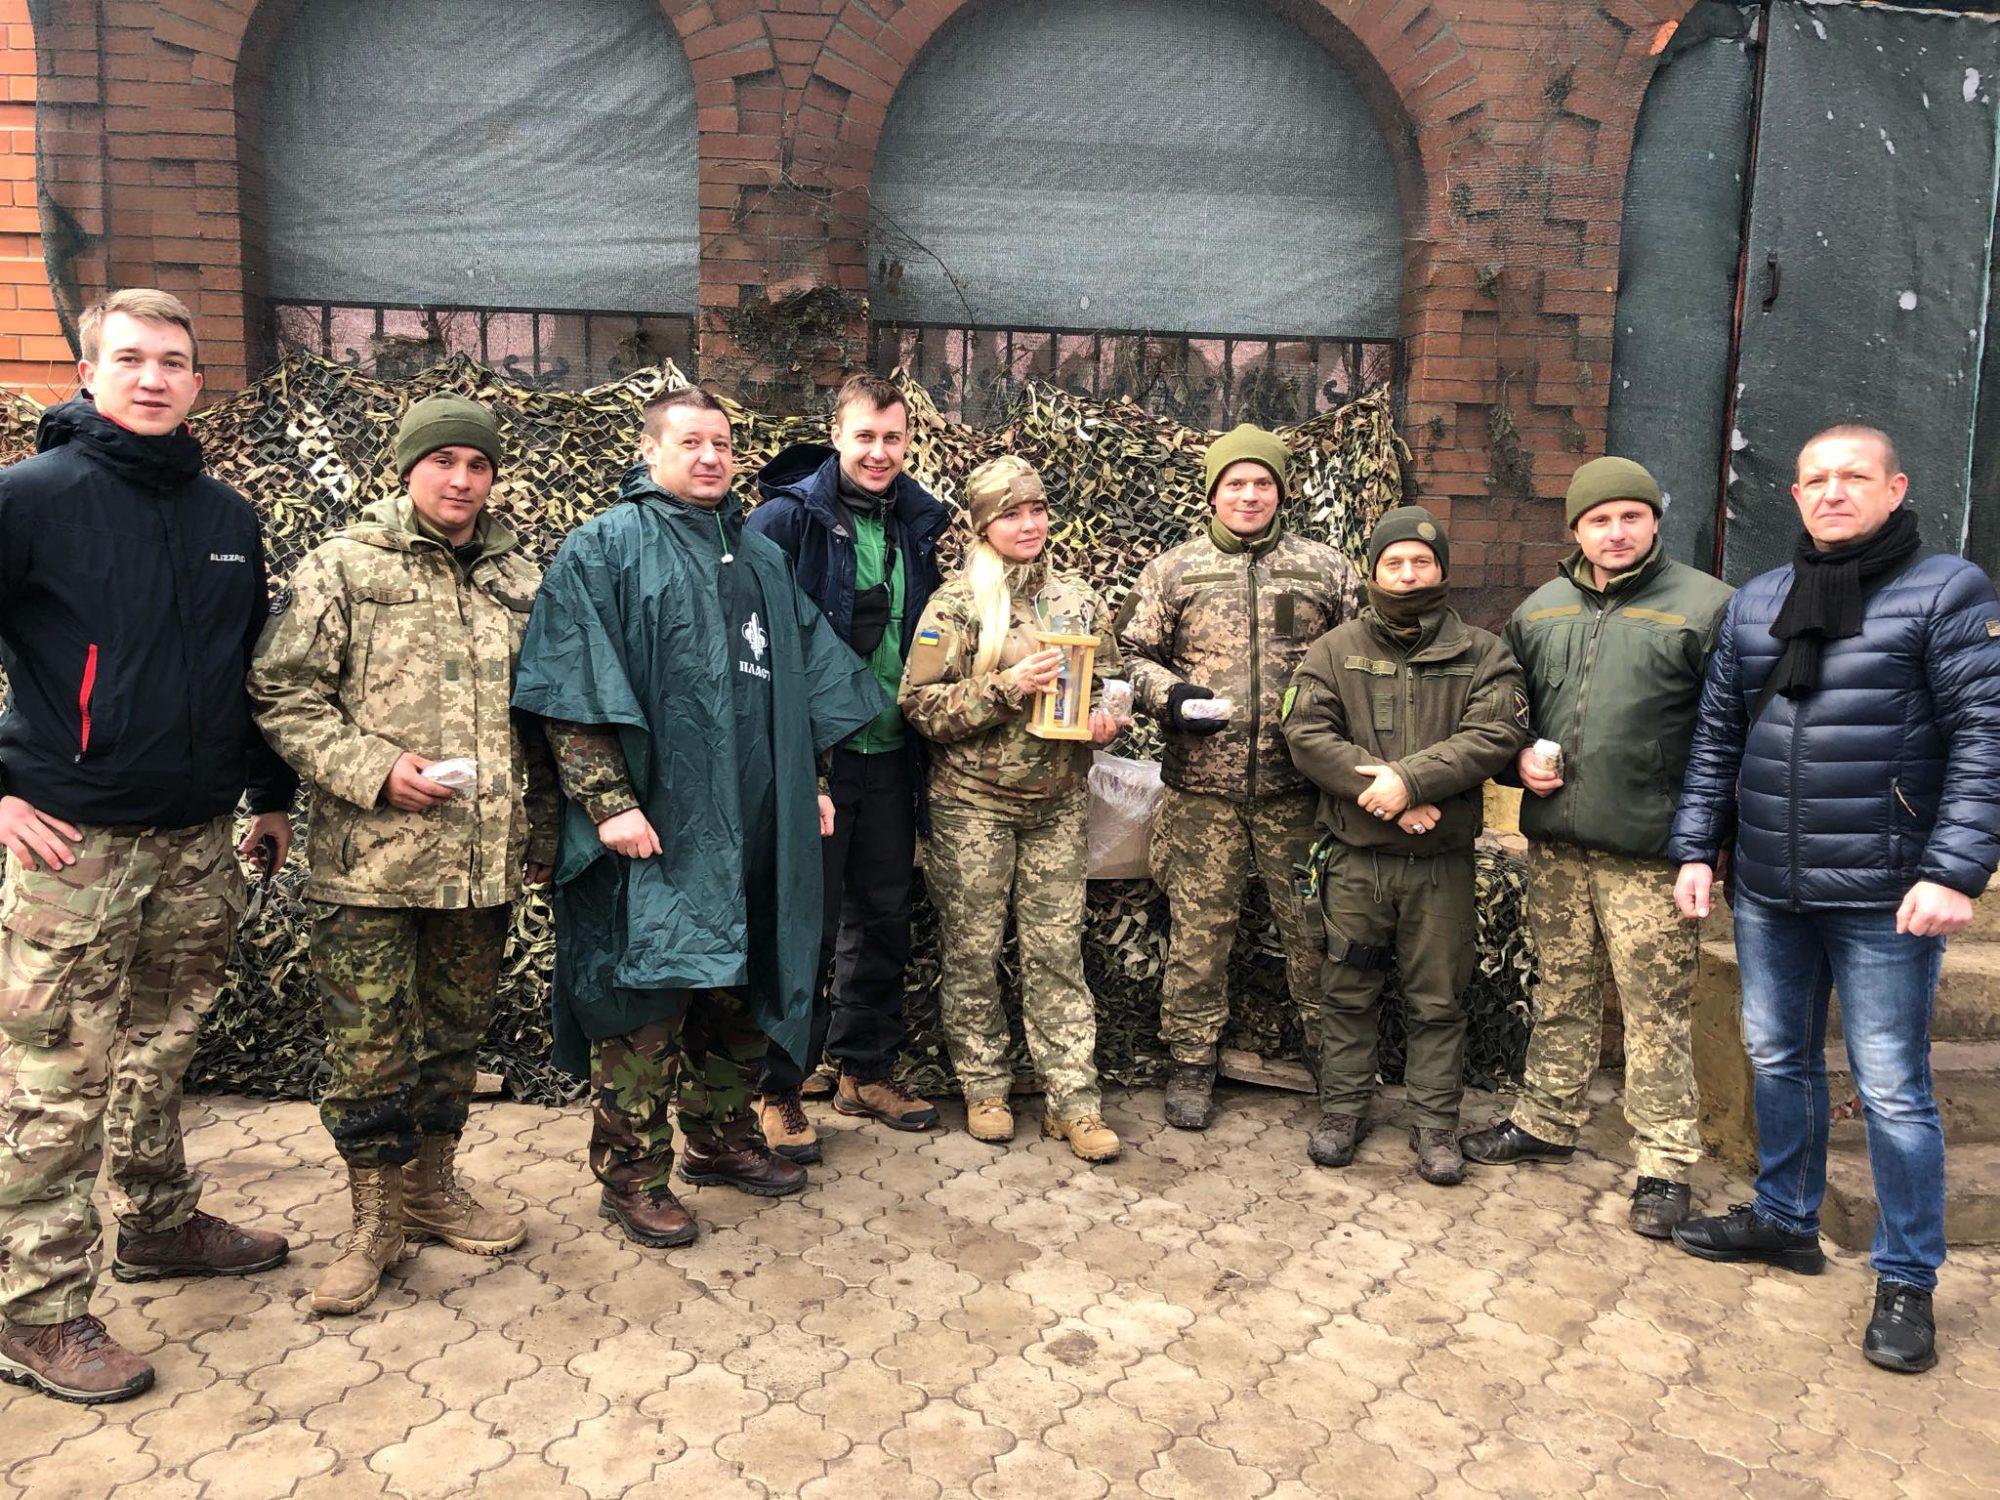 """Пластуни передали Вифлеємський вогонь миру українським бійцям на передову - Вифлеємський вогонь миру, """"Пласт"""" - 80990573 10156826928452393 968328569048530944 o 2000x1500"""